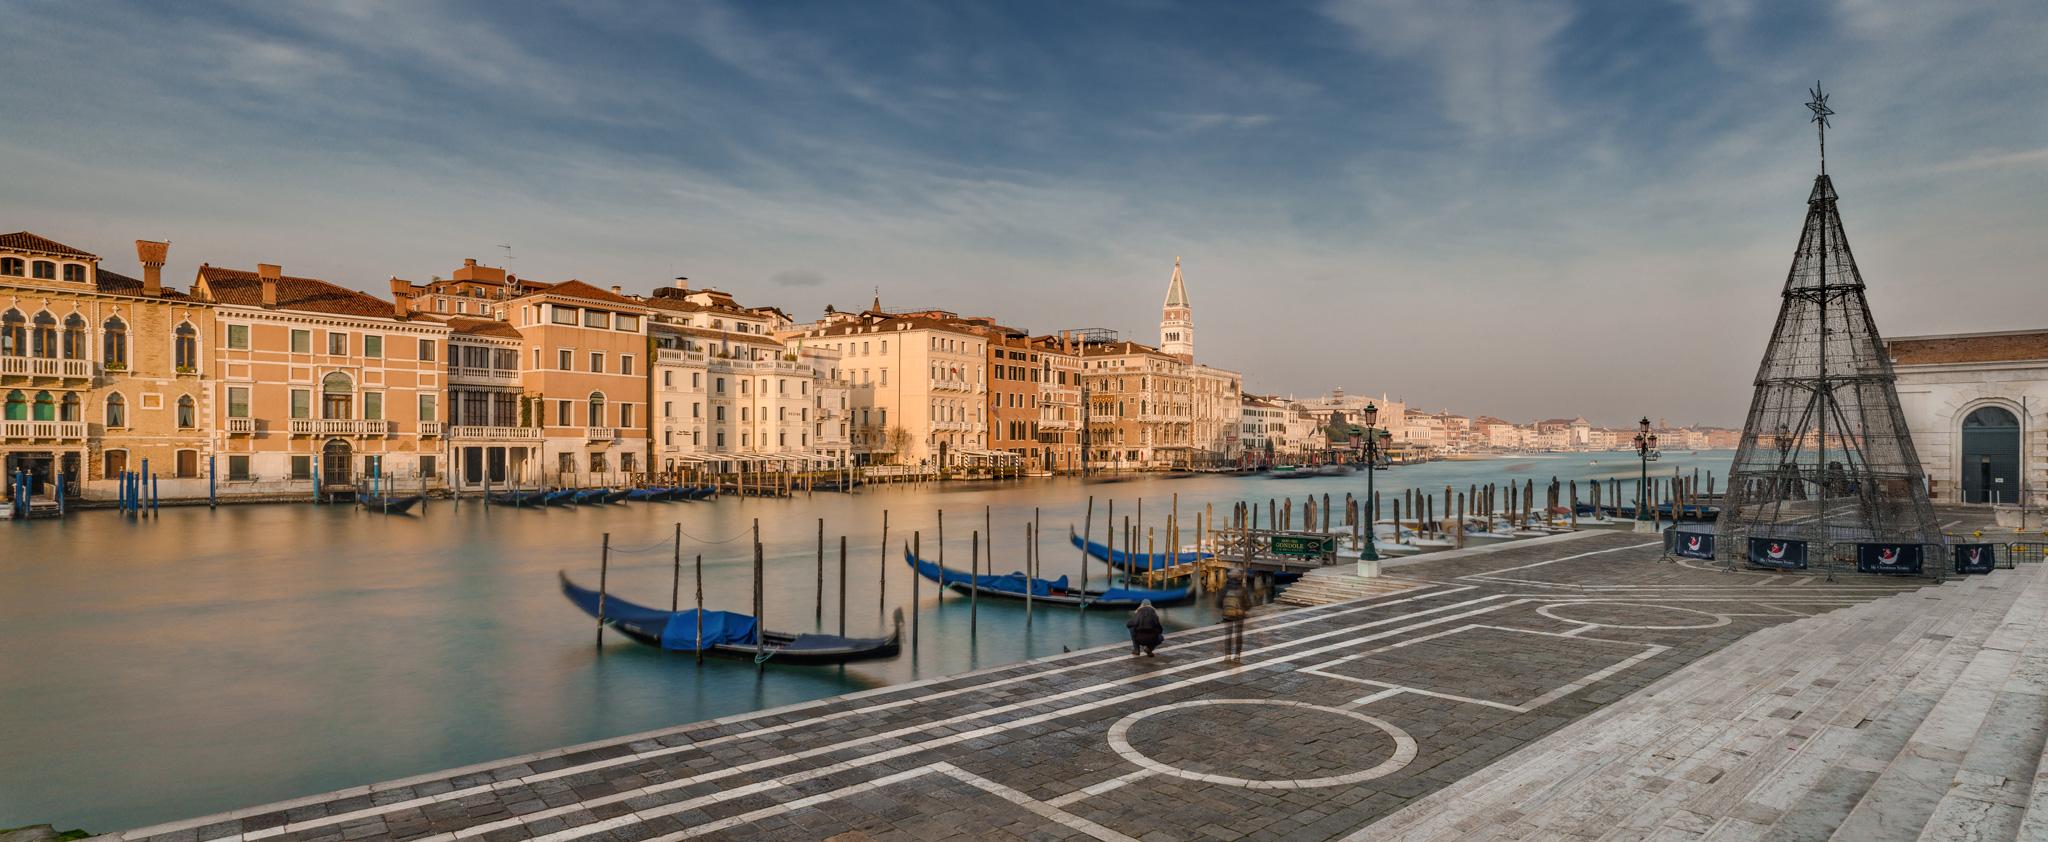 Paesaggi-Italia - DSC 5666 - DSC_5666 -